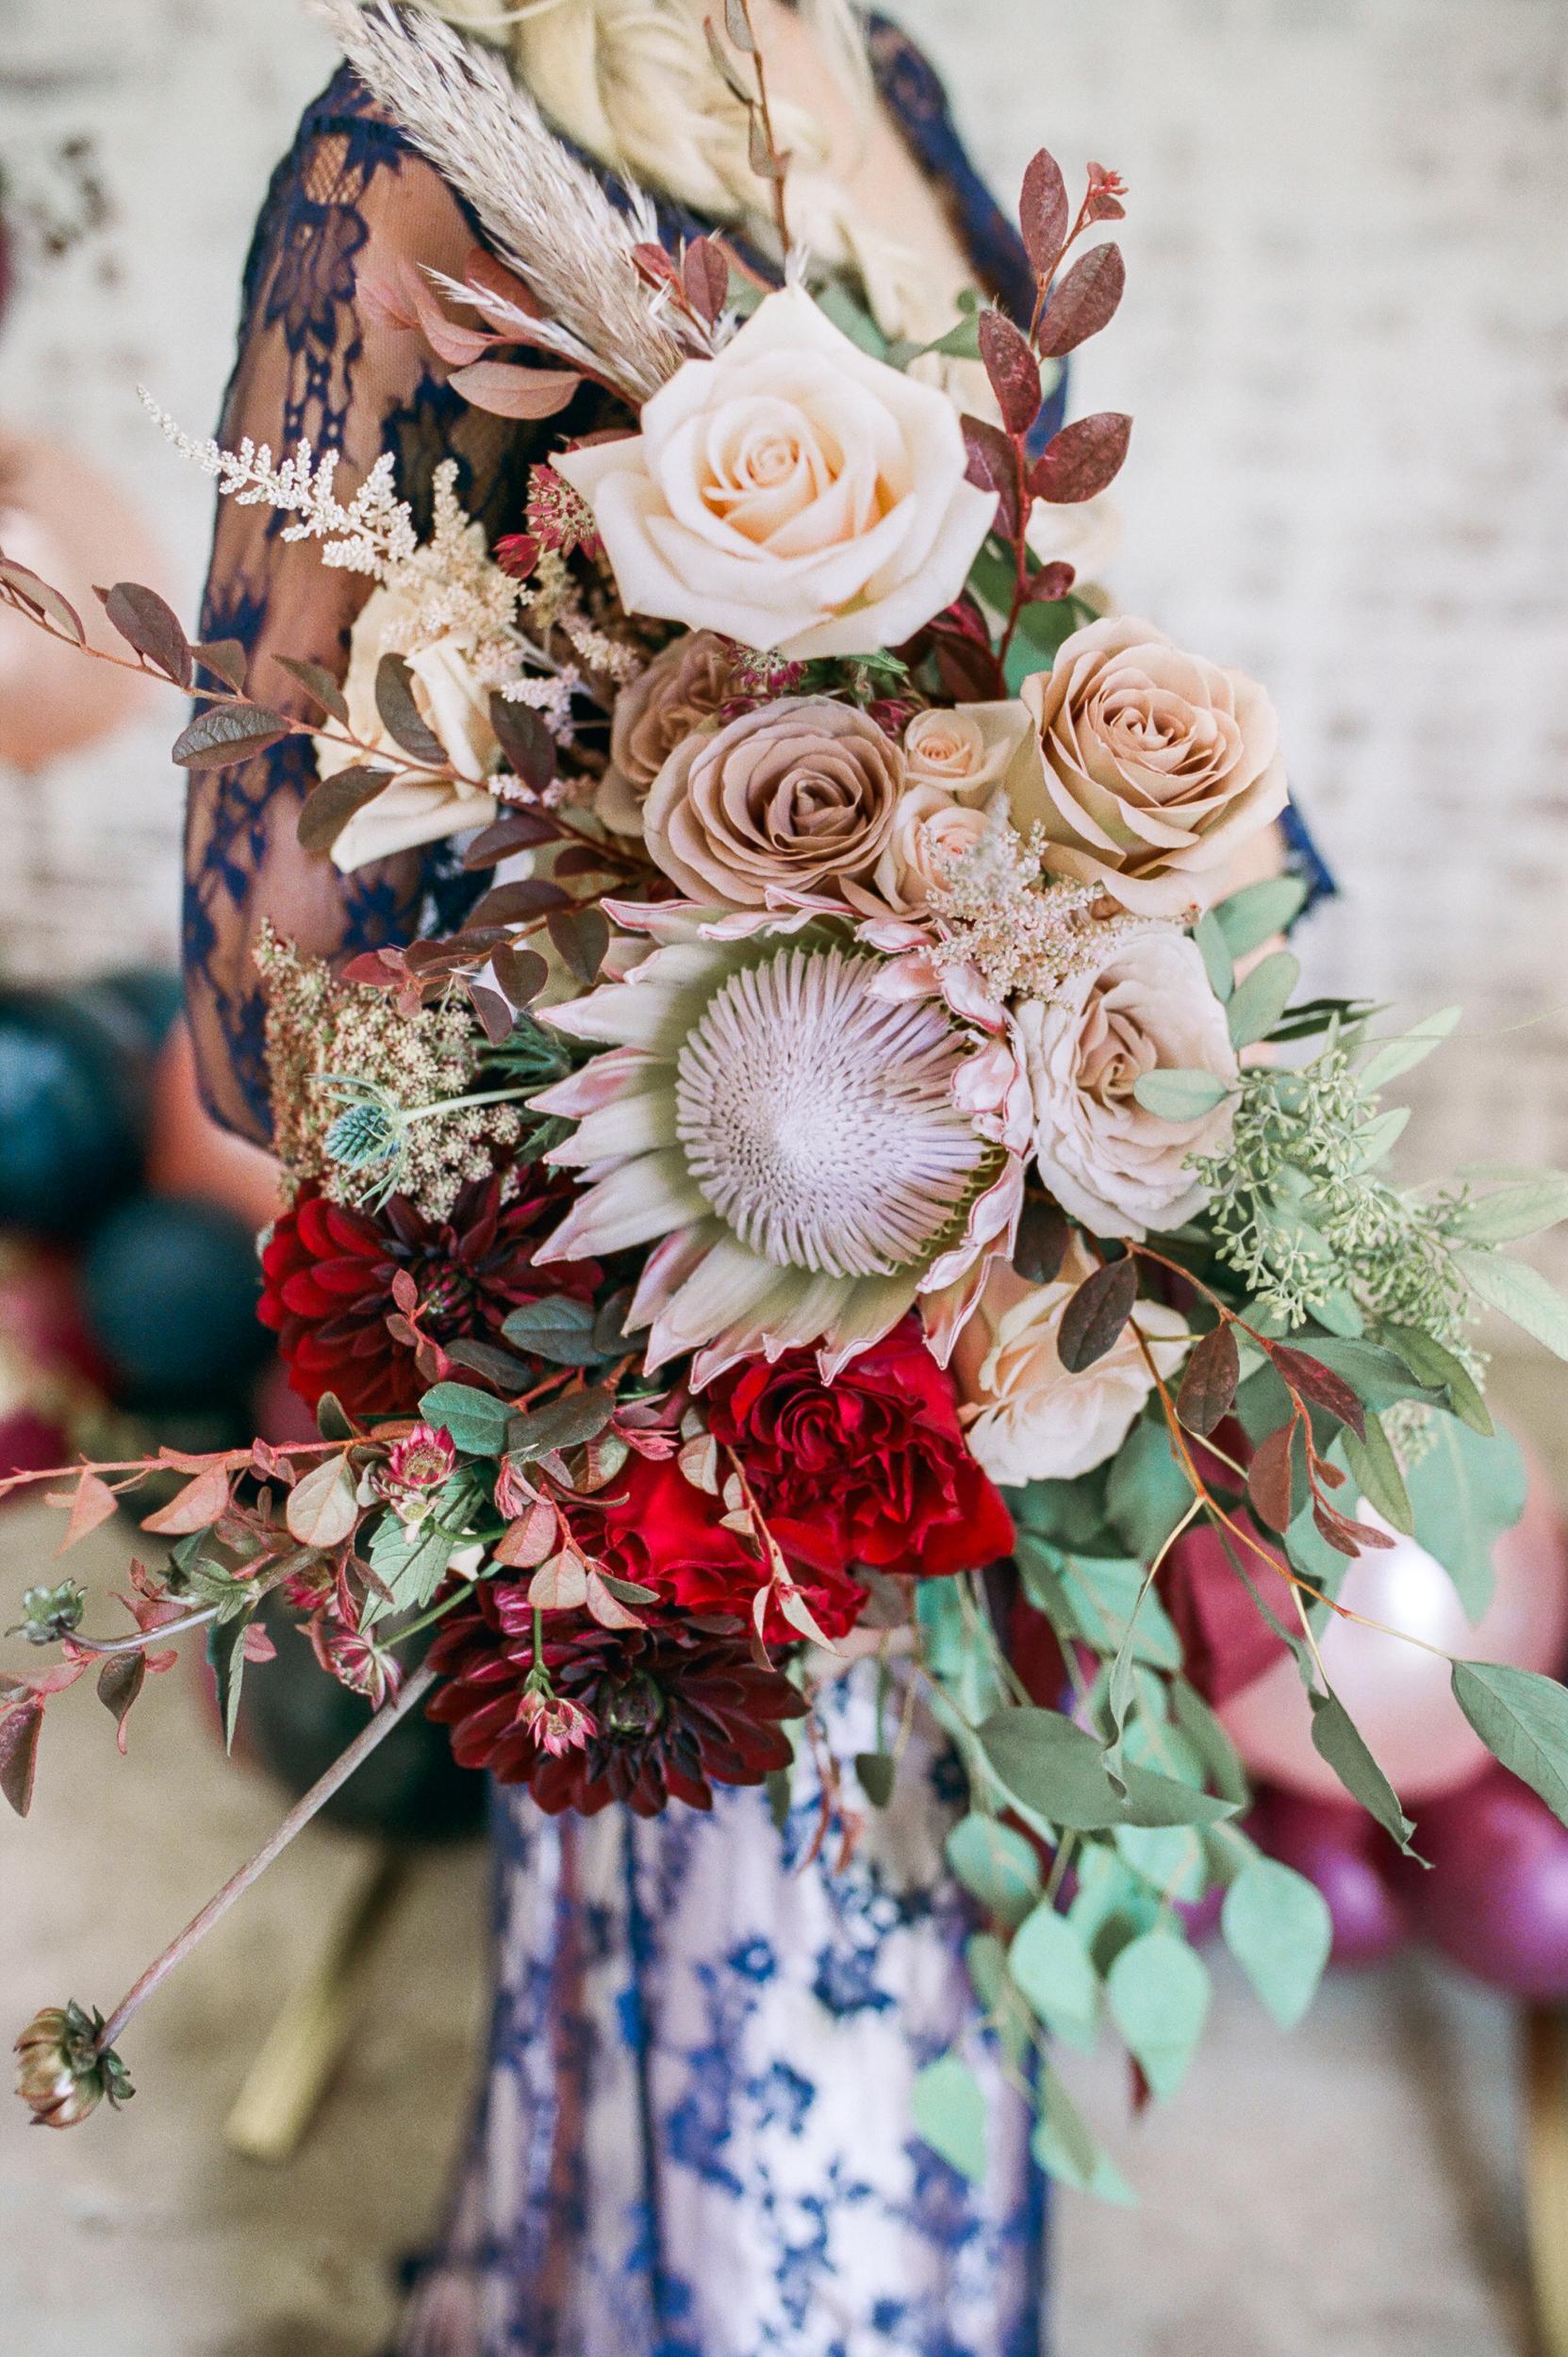 Tampa Floral Designer